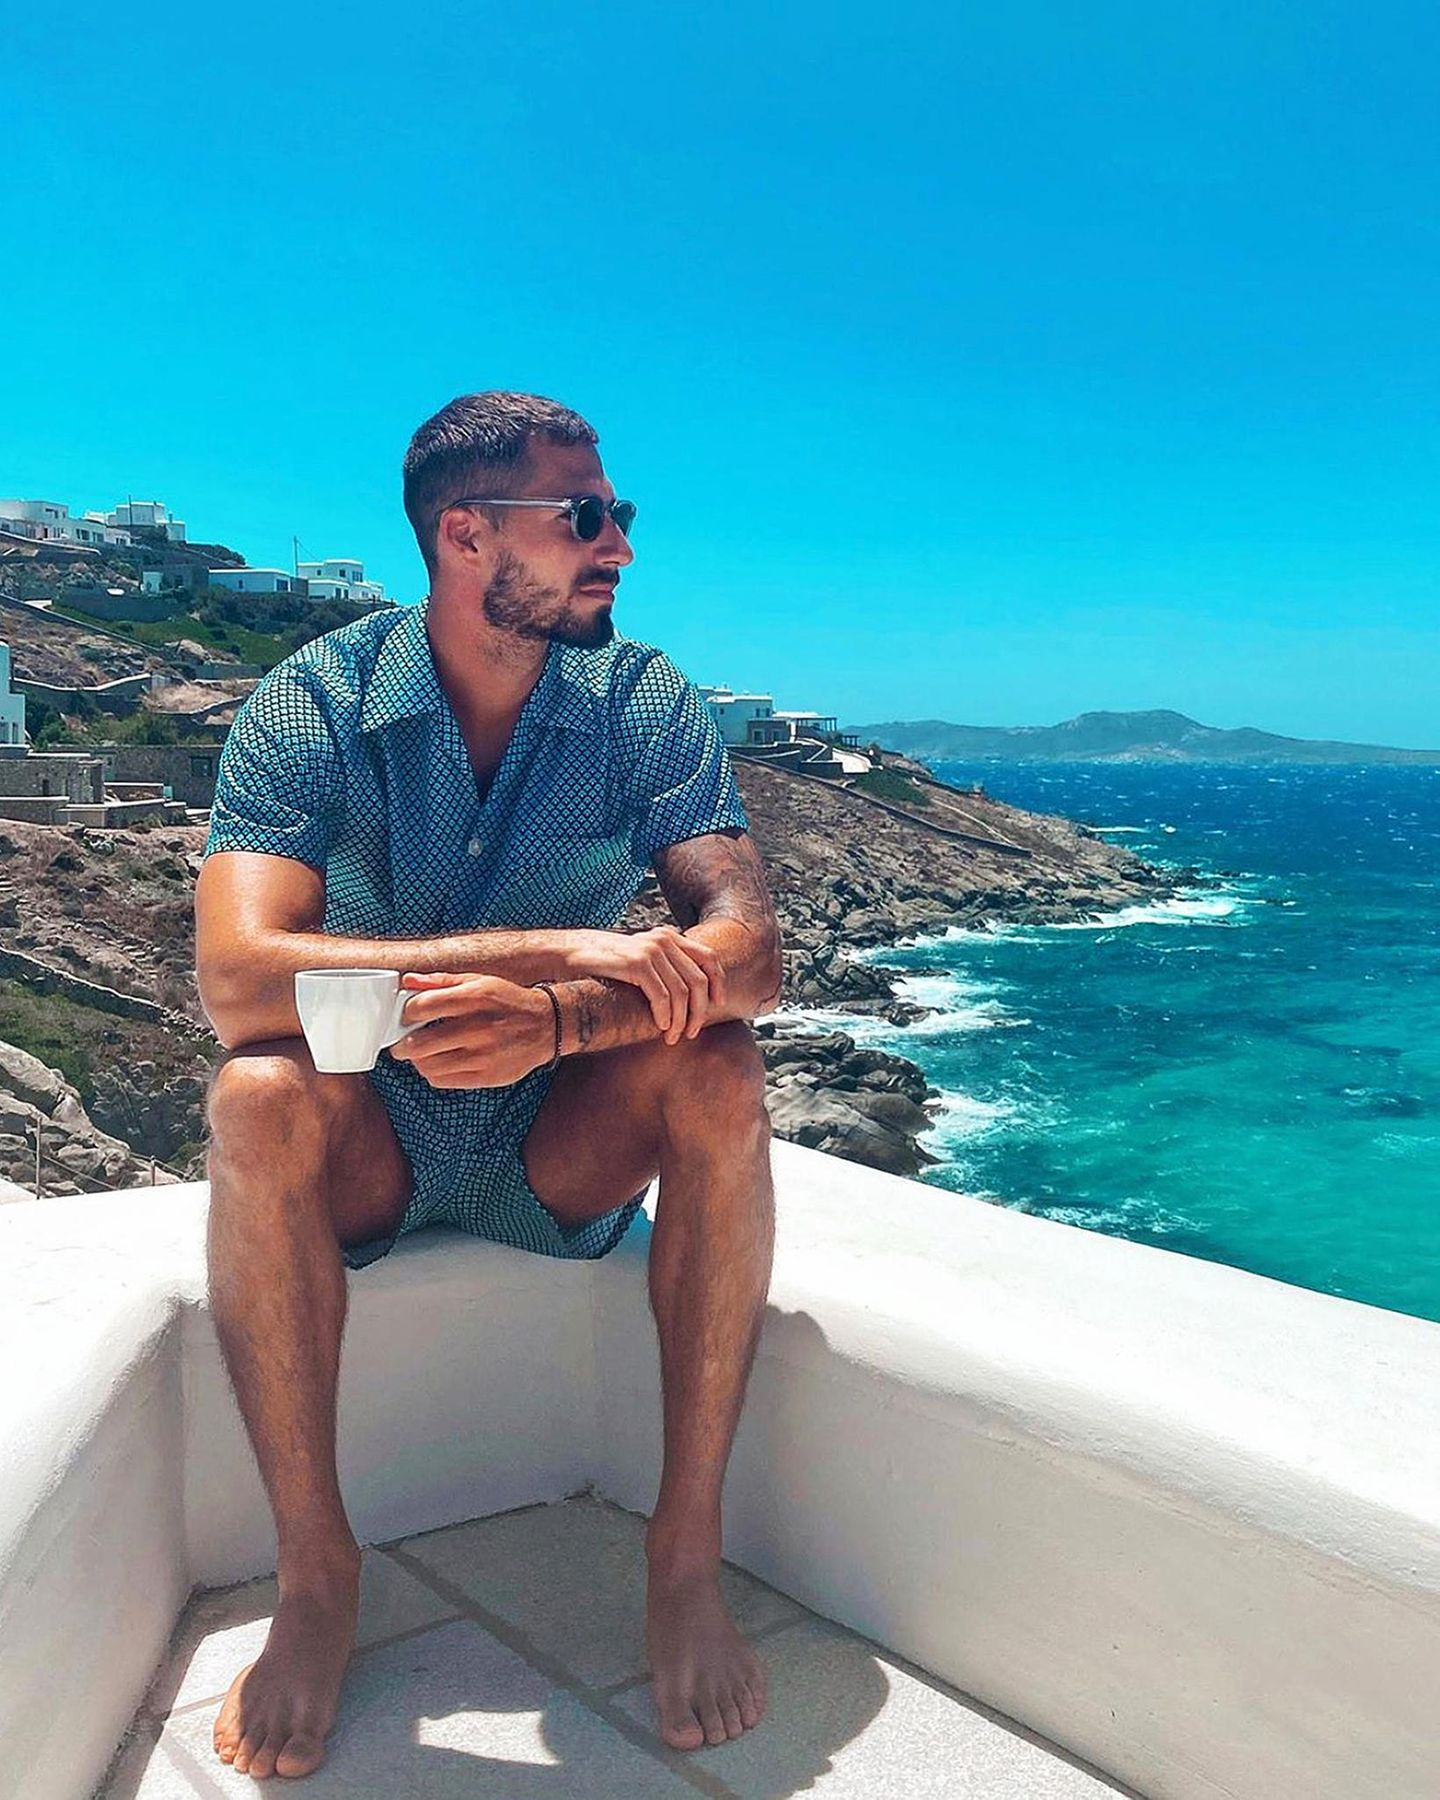 14. Juli 2020  Traumtyp mit Traumblick: Fußballer Kevin Trapp verbringt seine Sommerferien derzeit auf Mykonos und macht seine Instagram-Fans mit diesem azurblauen Urlaubsfoto ganz neidisch.